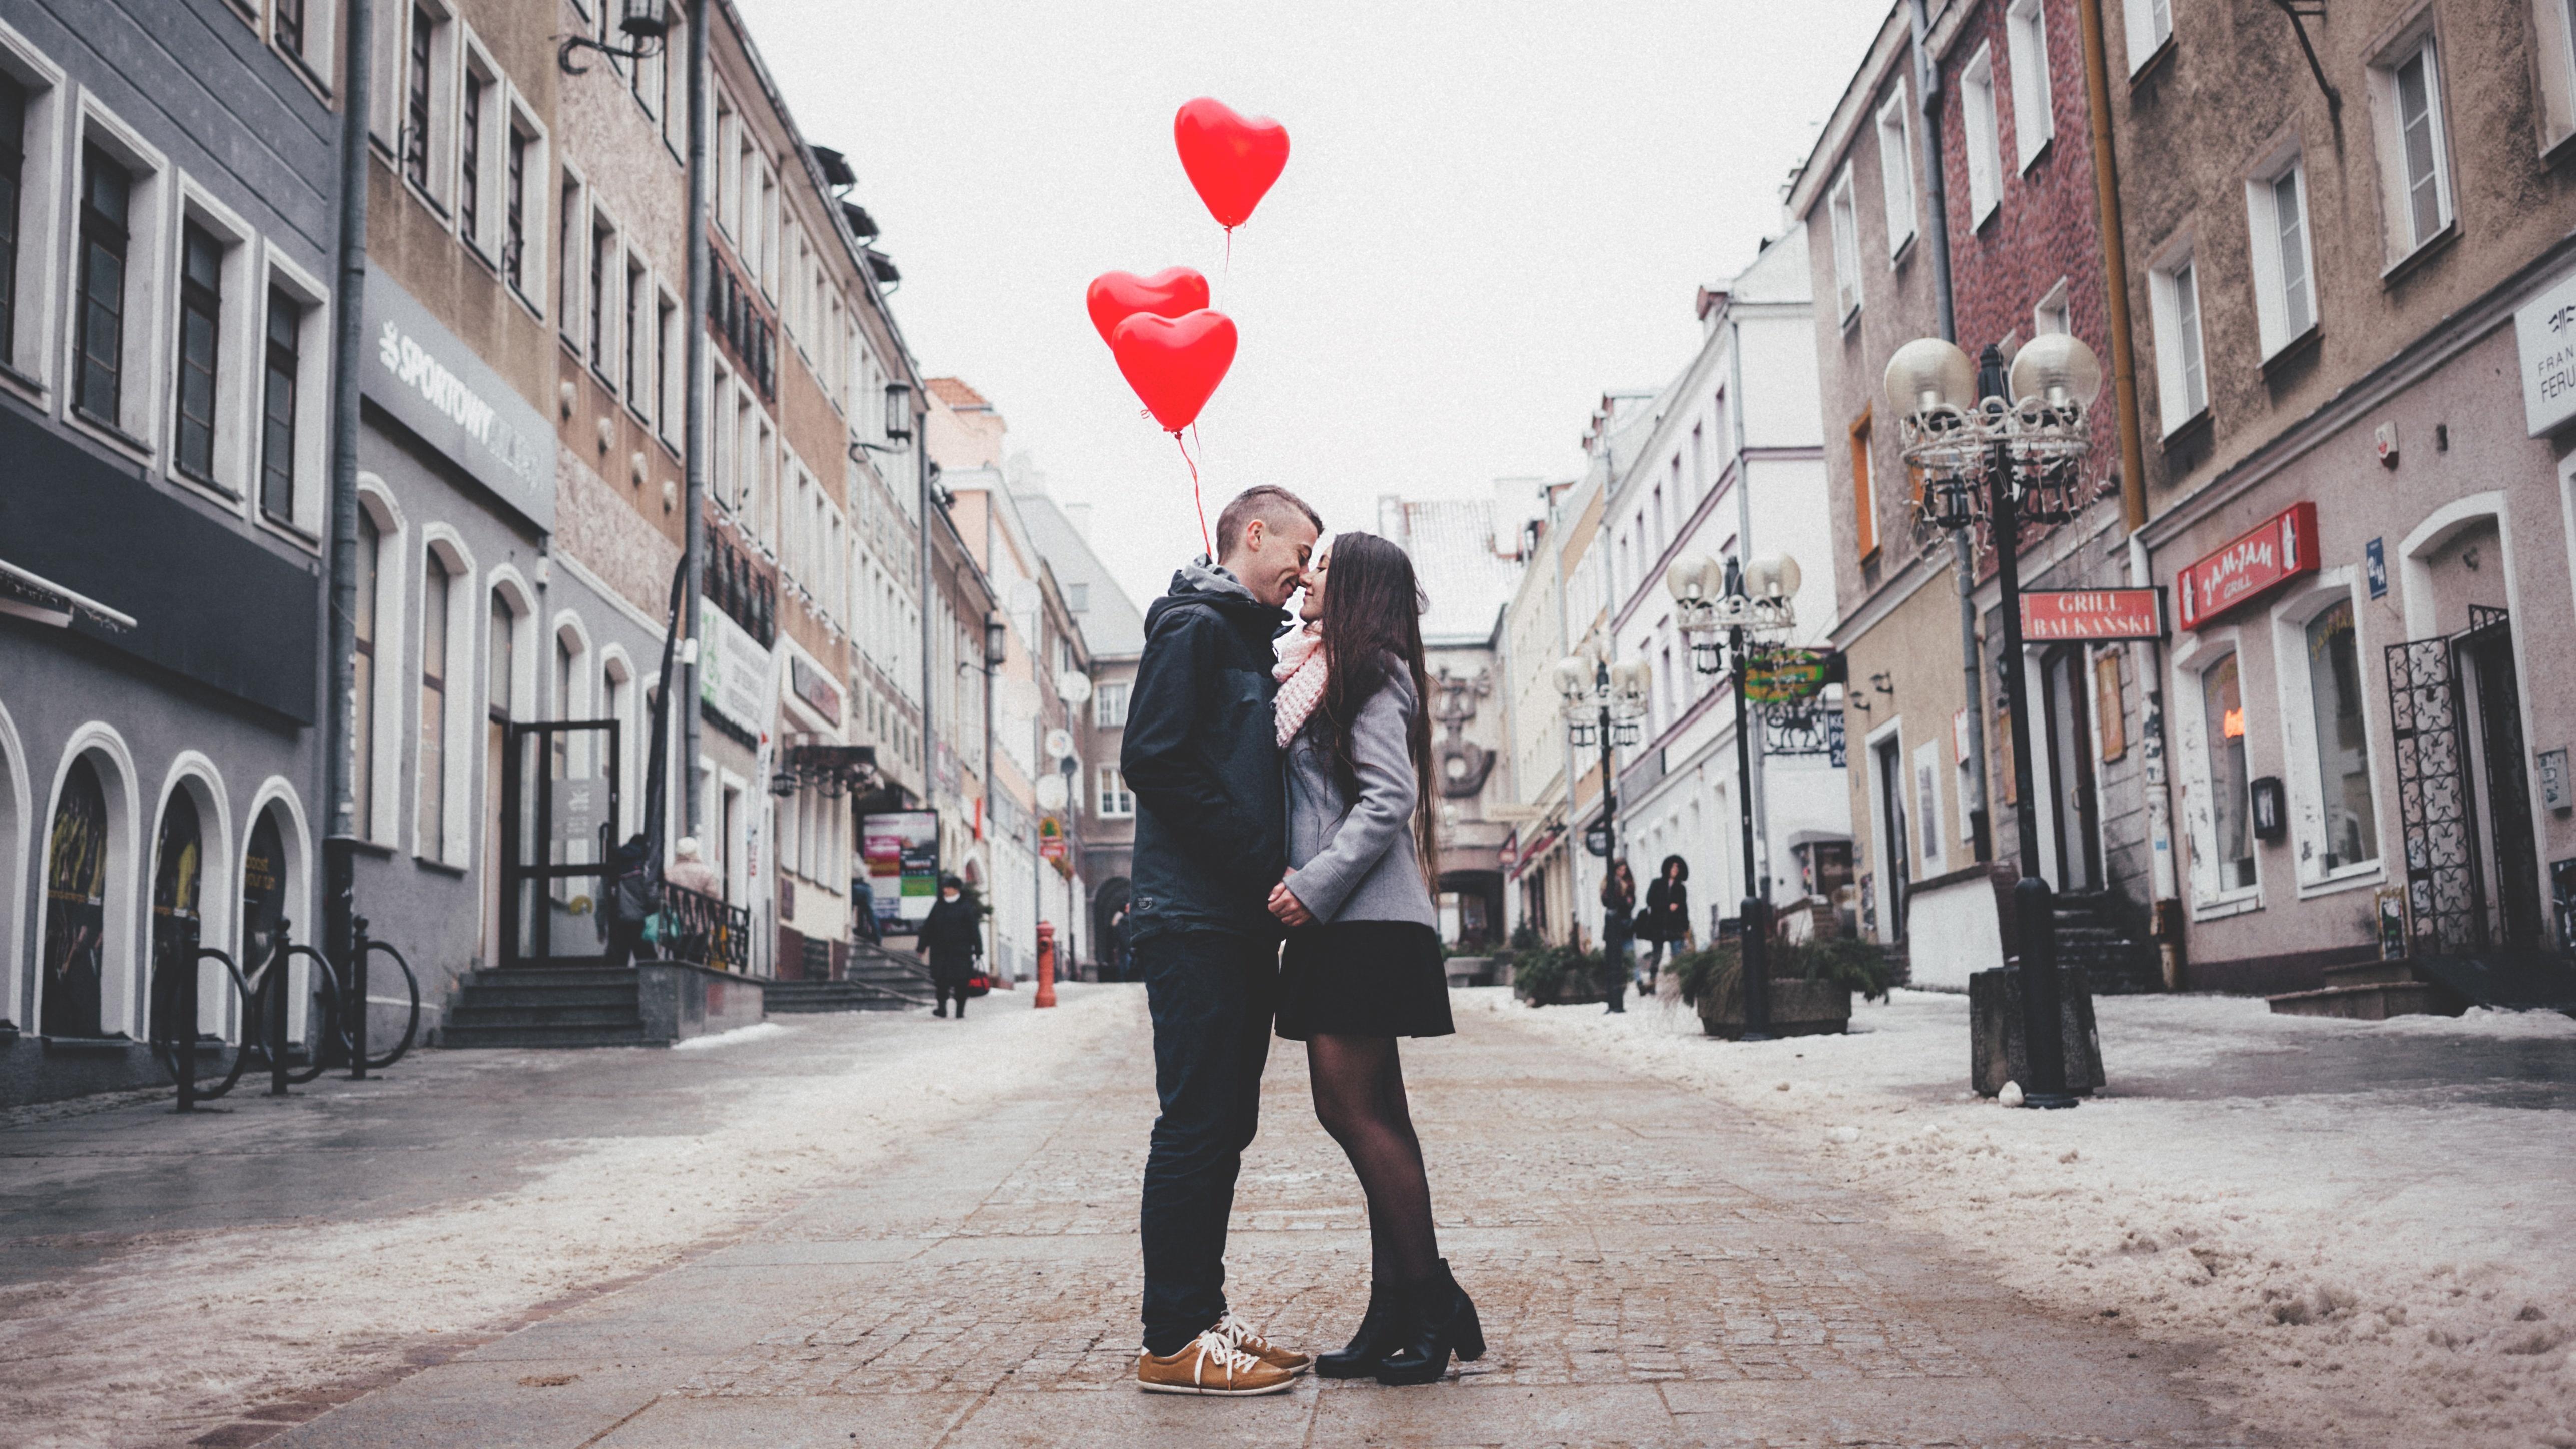 Valentinstag: Individuelle Geschenke basteln - 3 tolle Ideen